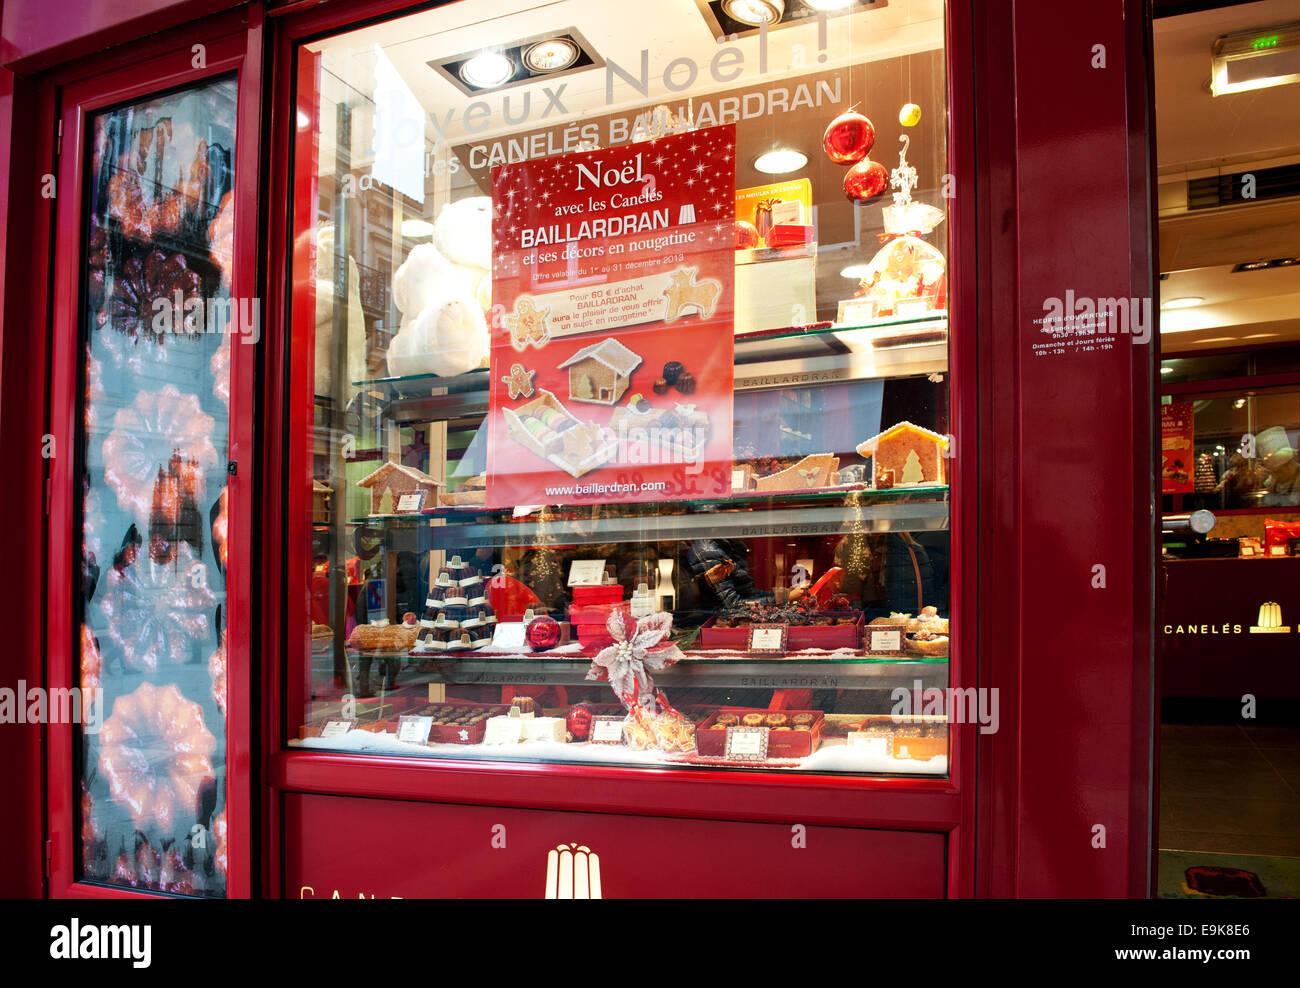 Nice Shop Baillardran On 29 Rue Porte Dijeaux Bordeaux France